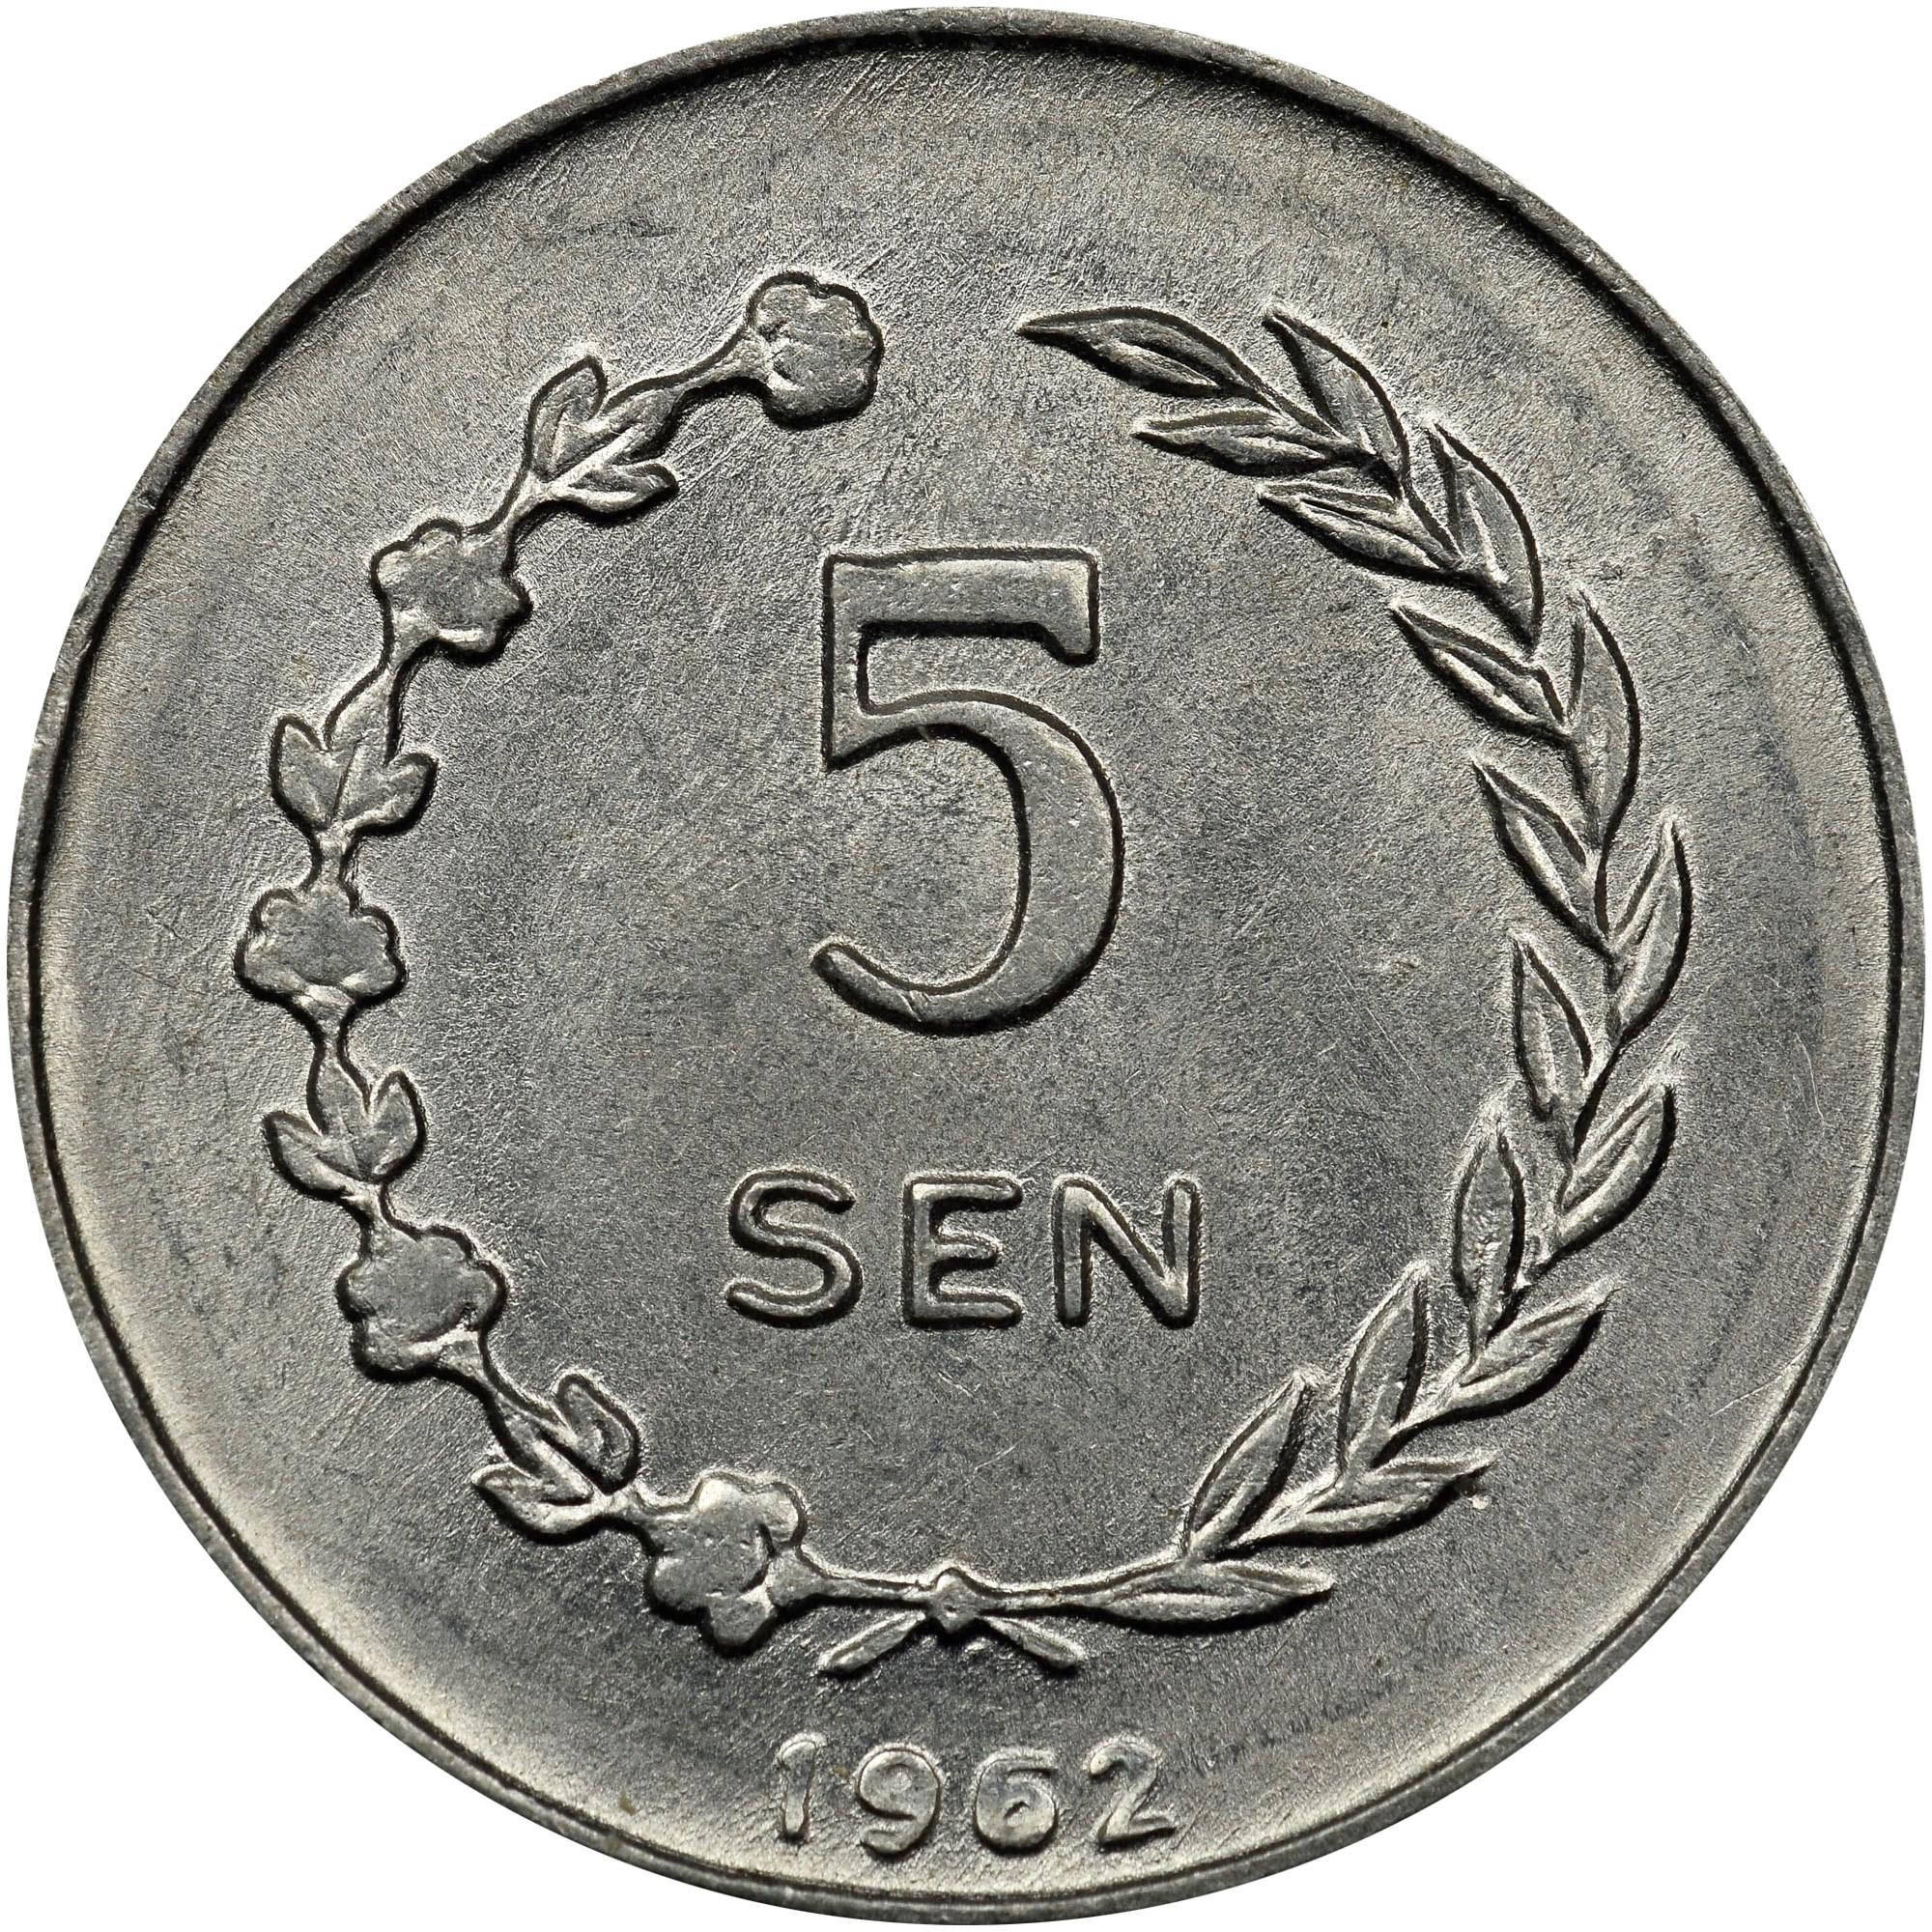 Indonesia RIAU ARCHIPELAGO 5 Sen reverse